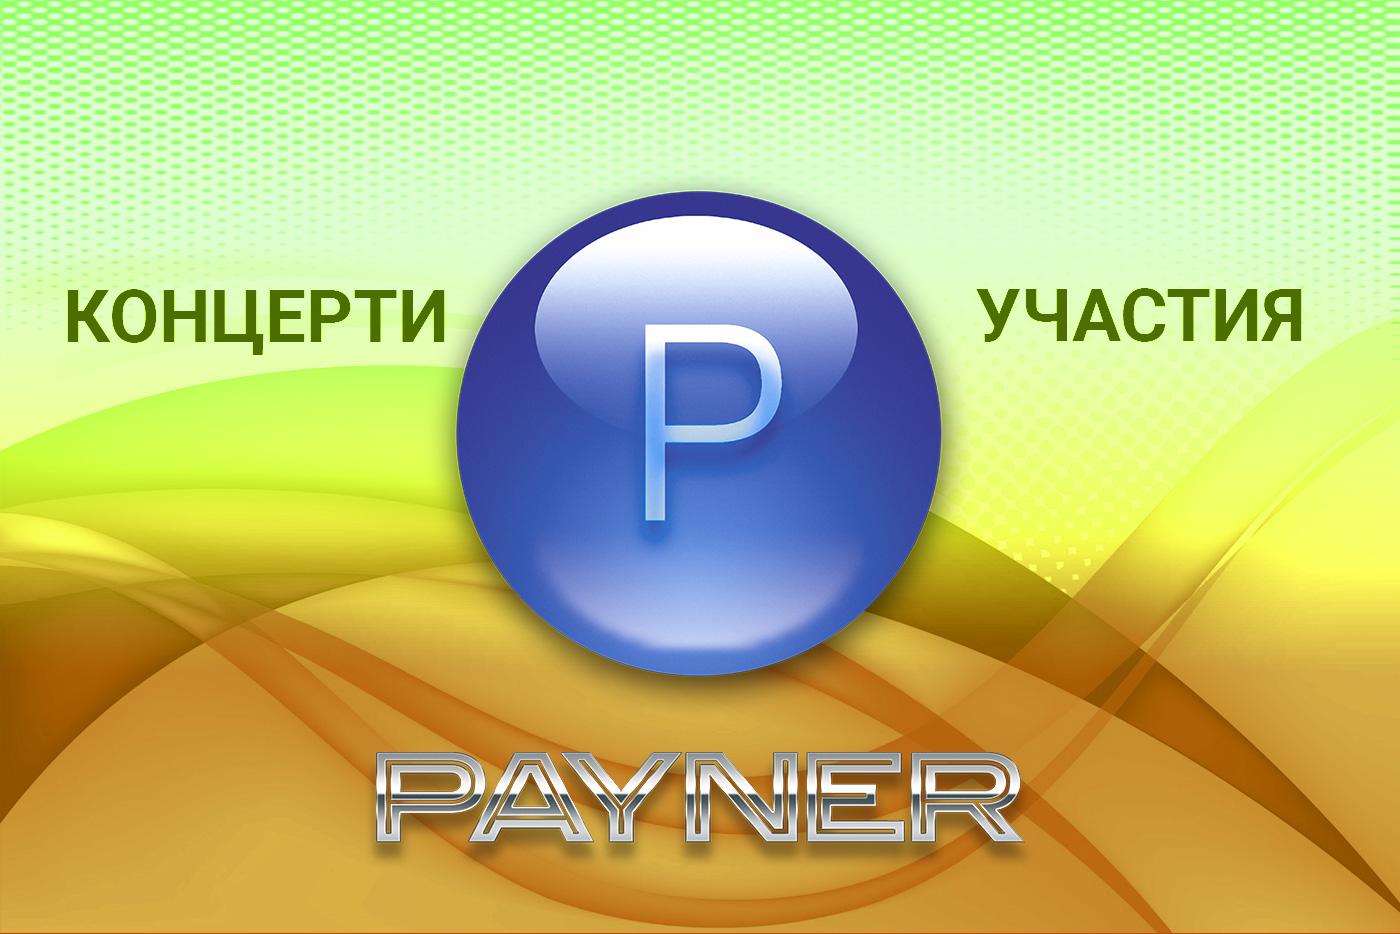 """Участия на звездите на """"Пайнер"""" на 16.06.2019"""